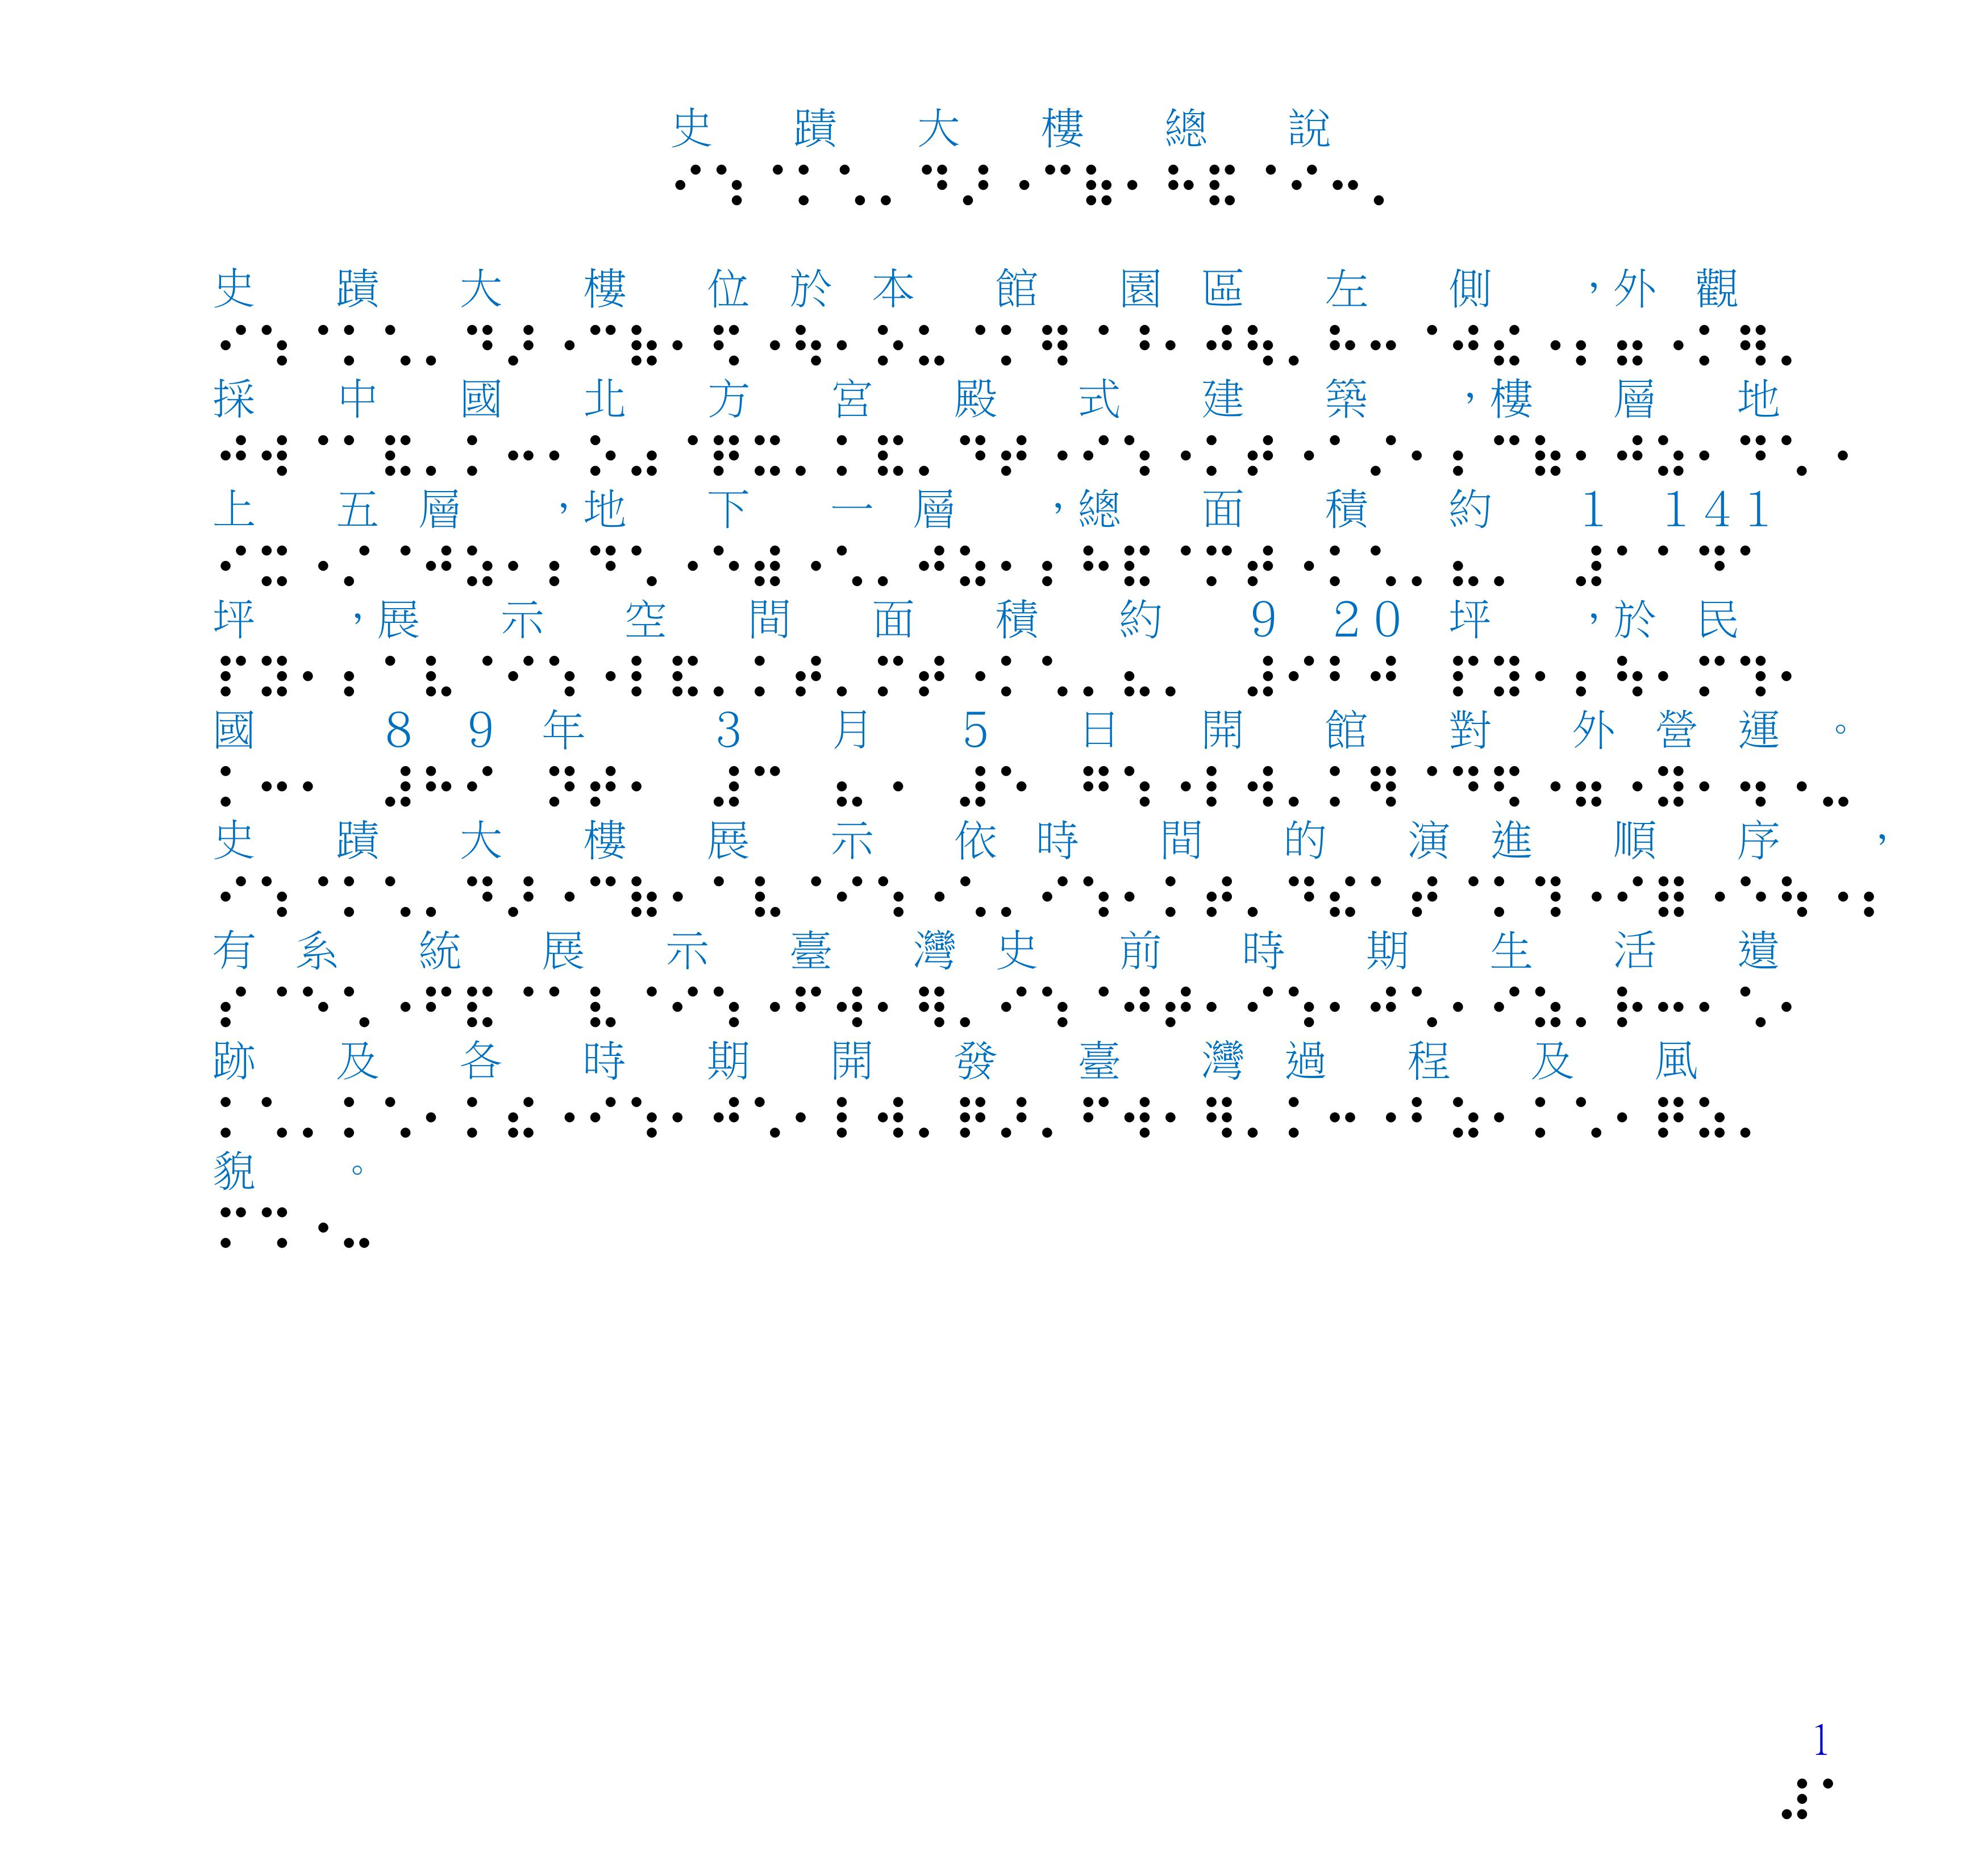 史蹟大樓視障導覽點字書簡介第1頁,含總說明共108個字